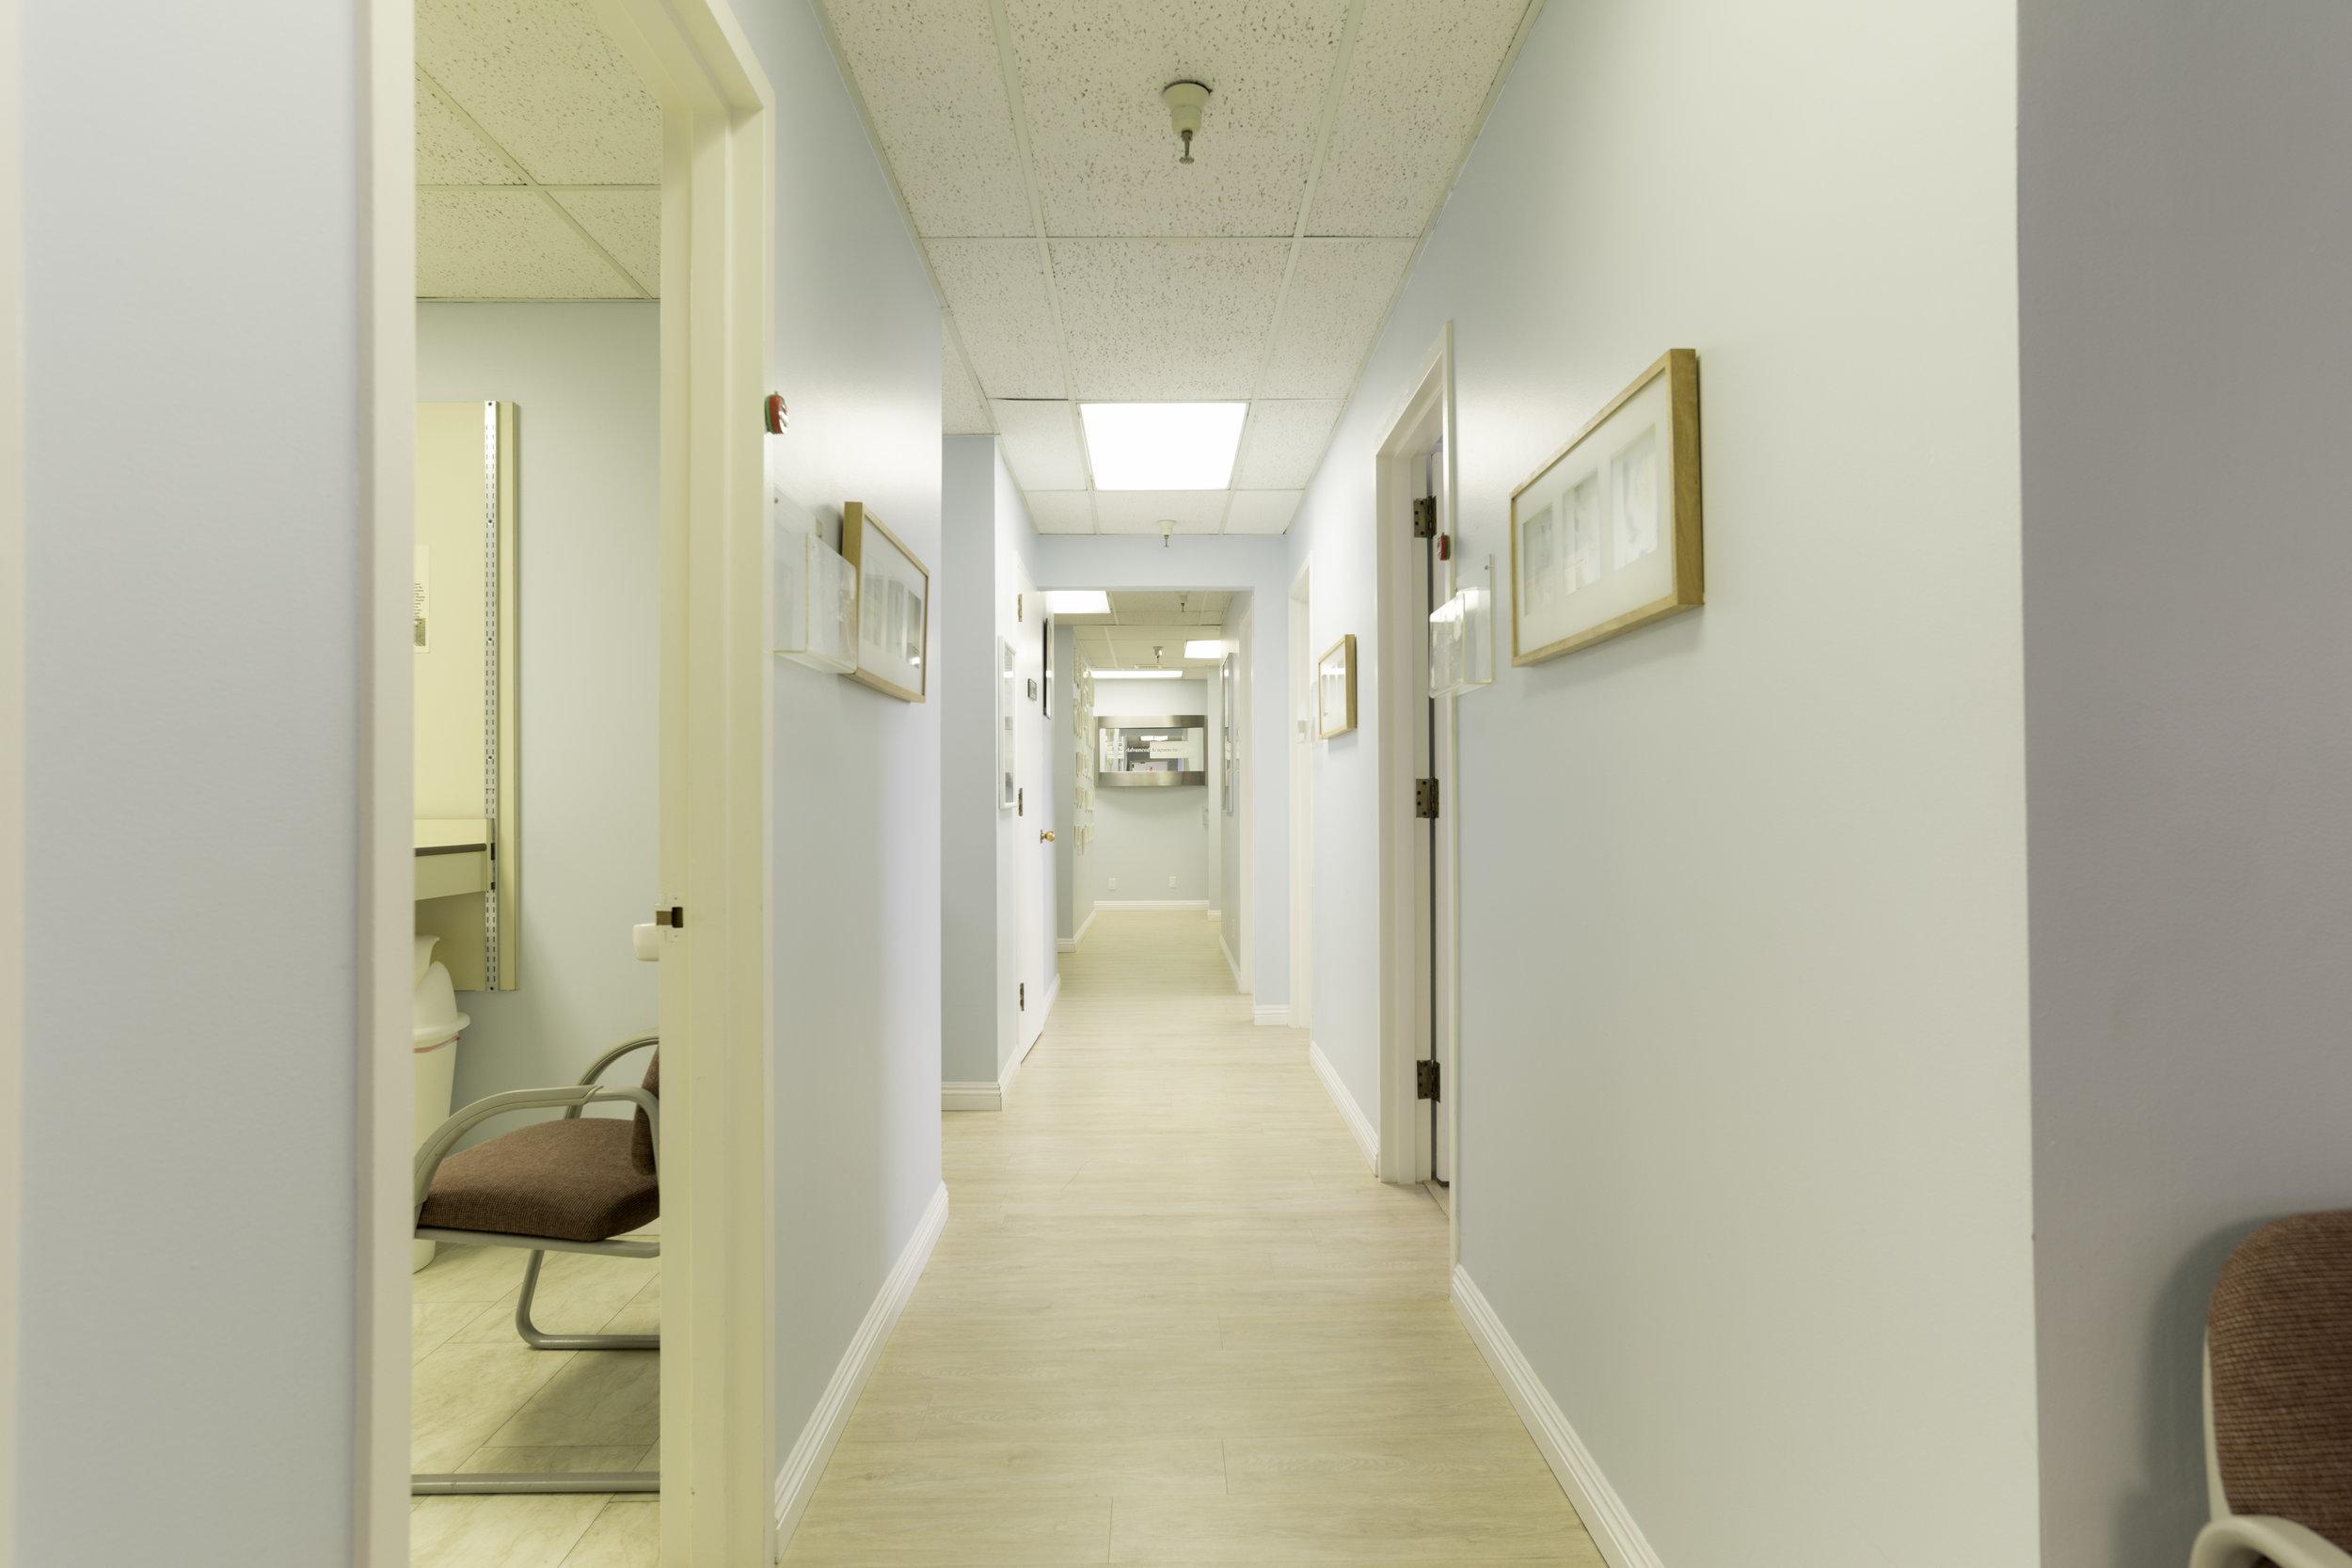 NIT_0318_Hallway_2.jpg